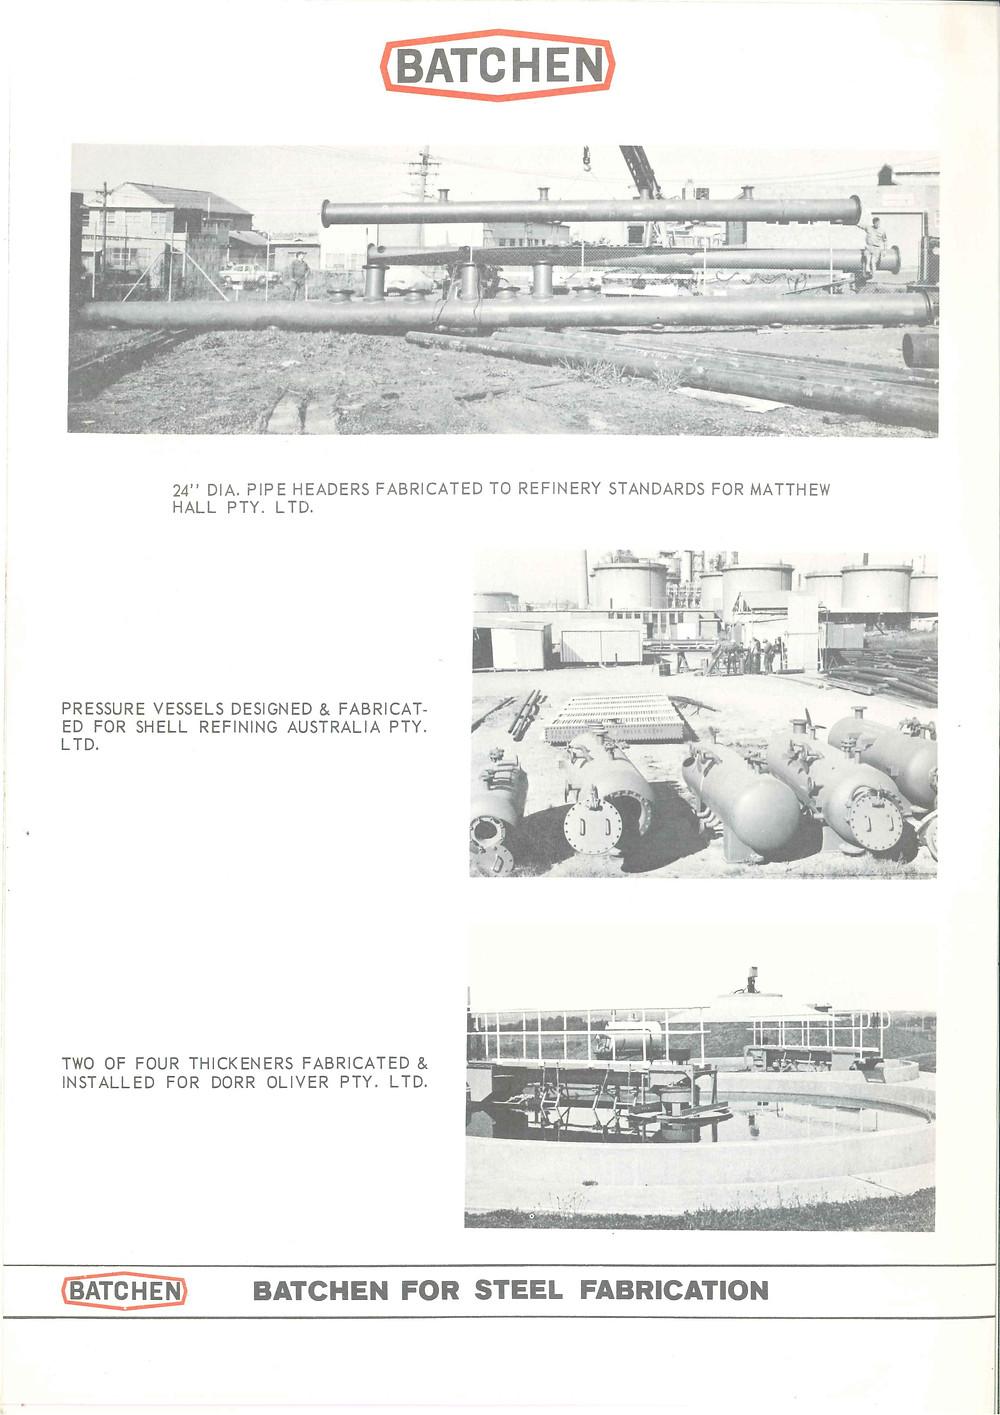 An old brochure, showing some work for Dorr Oliver.